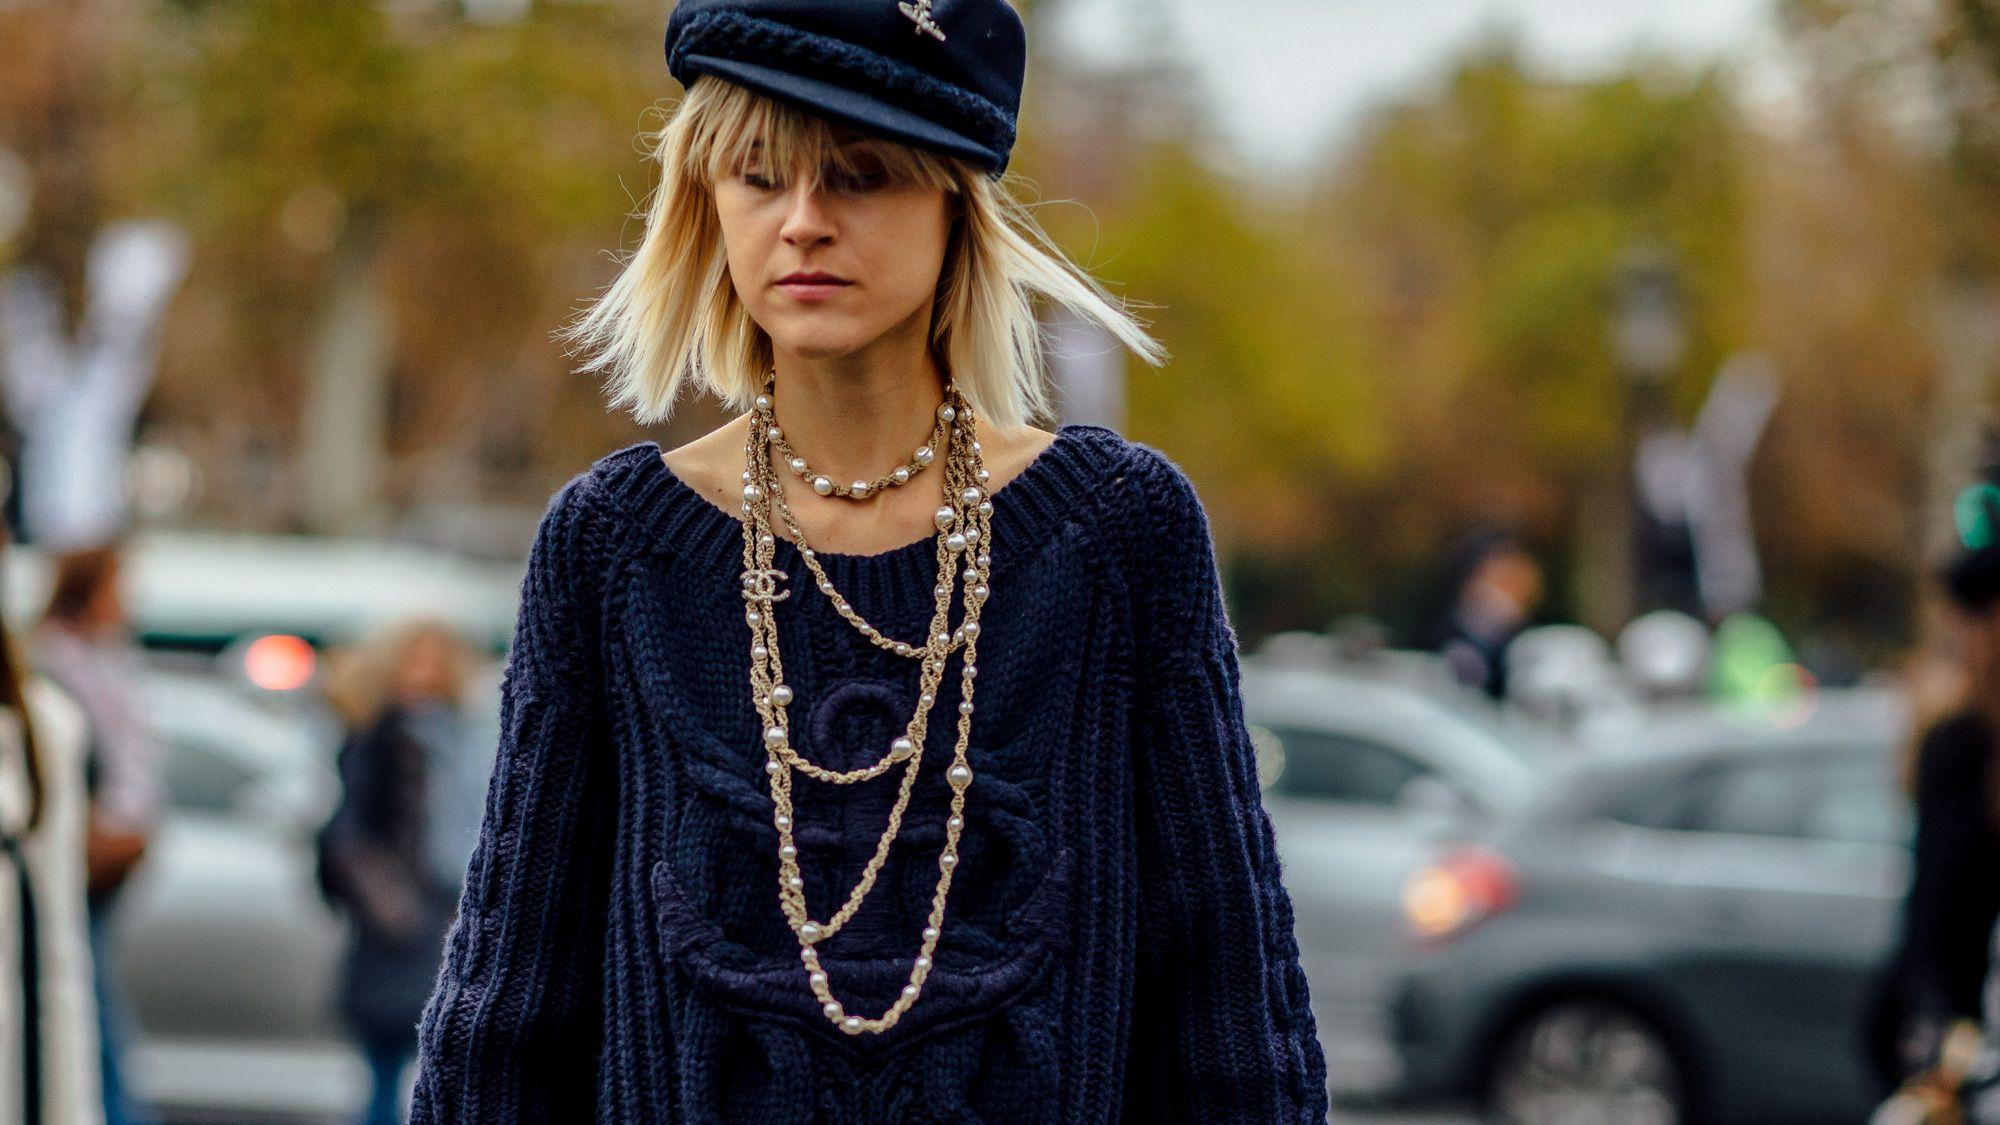 chain embellishments